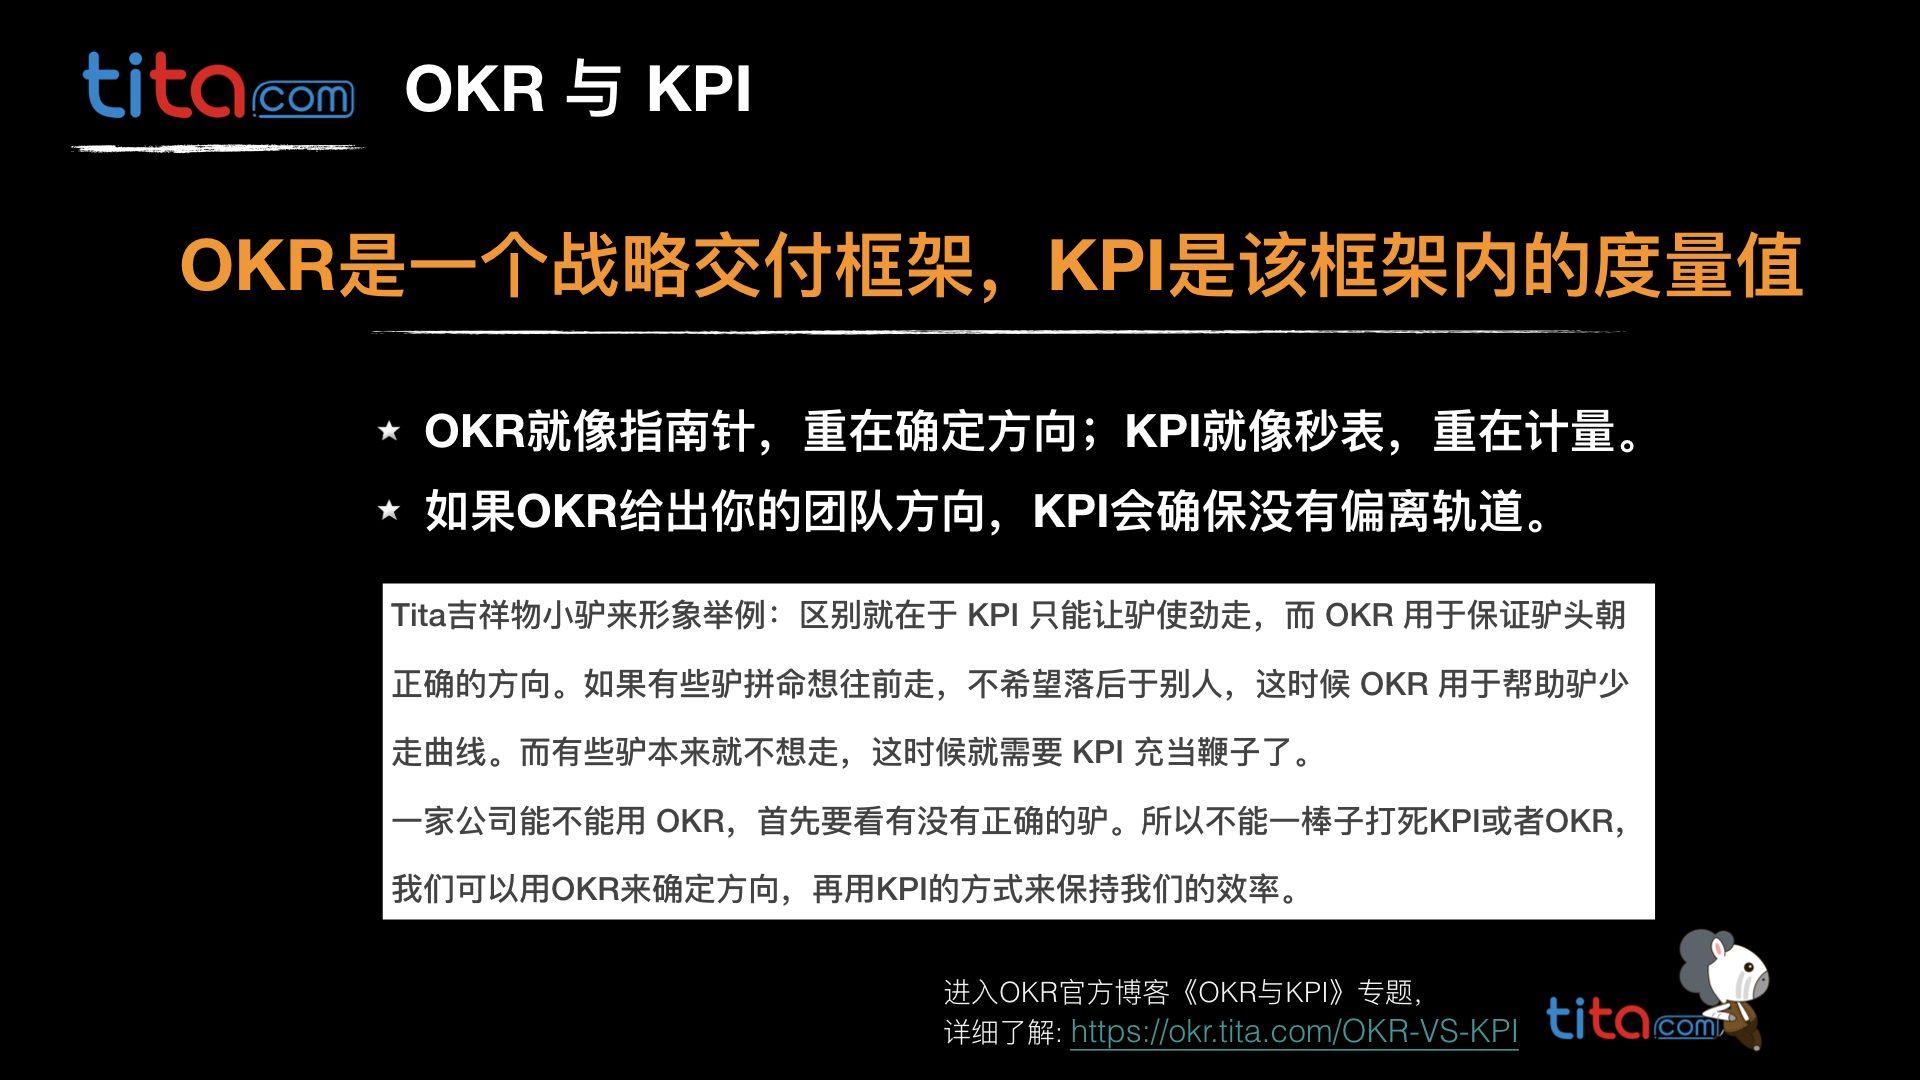 OKR目标管理 okr.tita.com